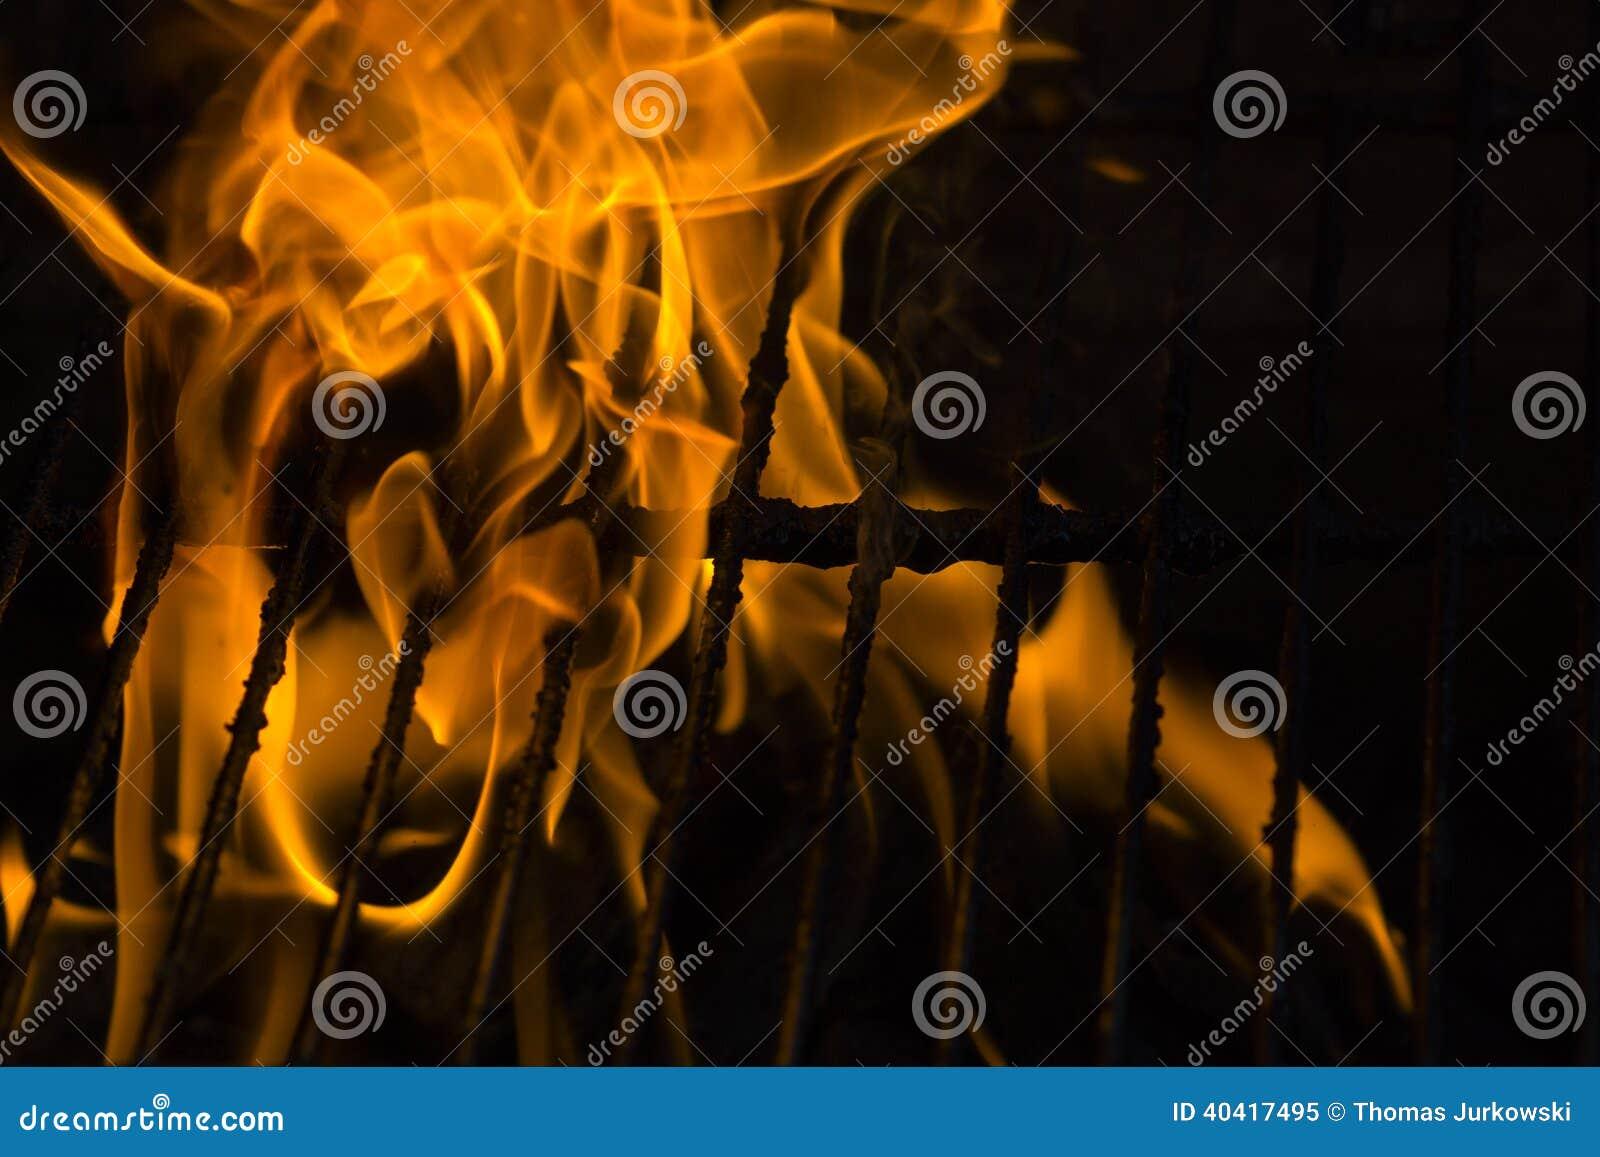 Fuego en parrilla